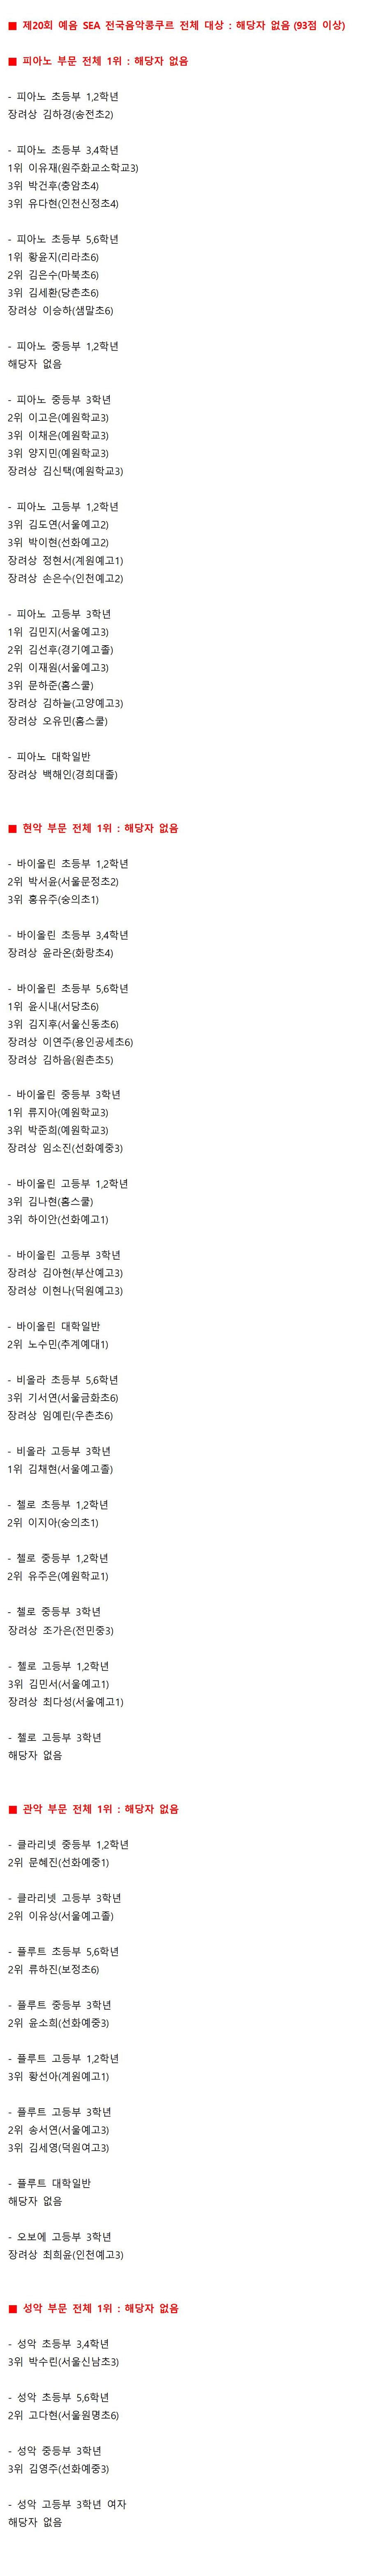 20회 예음 sea 입상.jpg